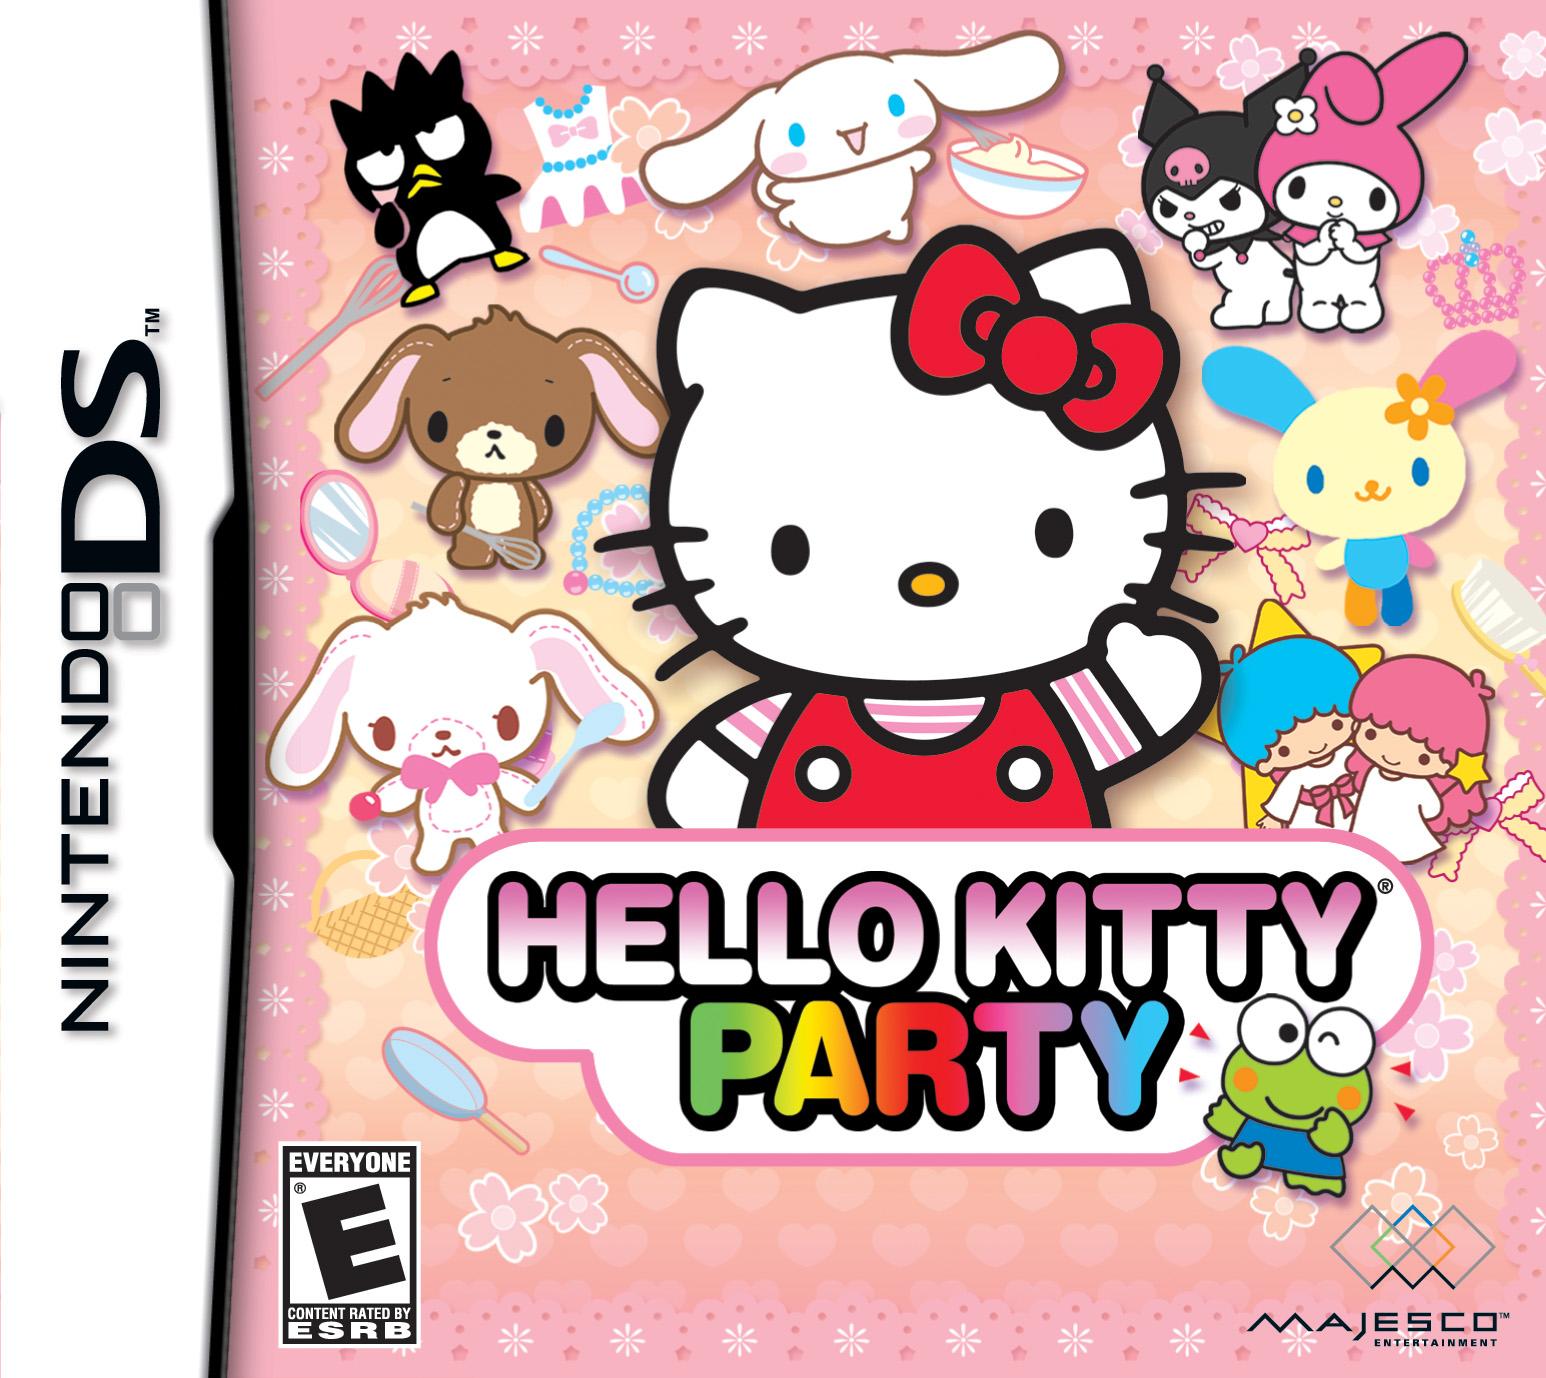 Hello kitty party review nintendo okie - Hello kitty hello ...